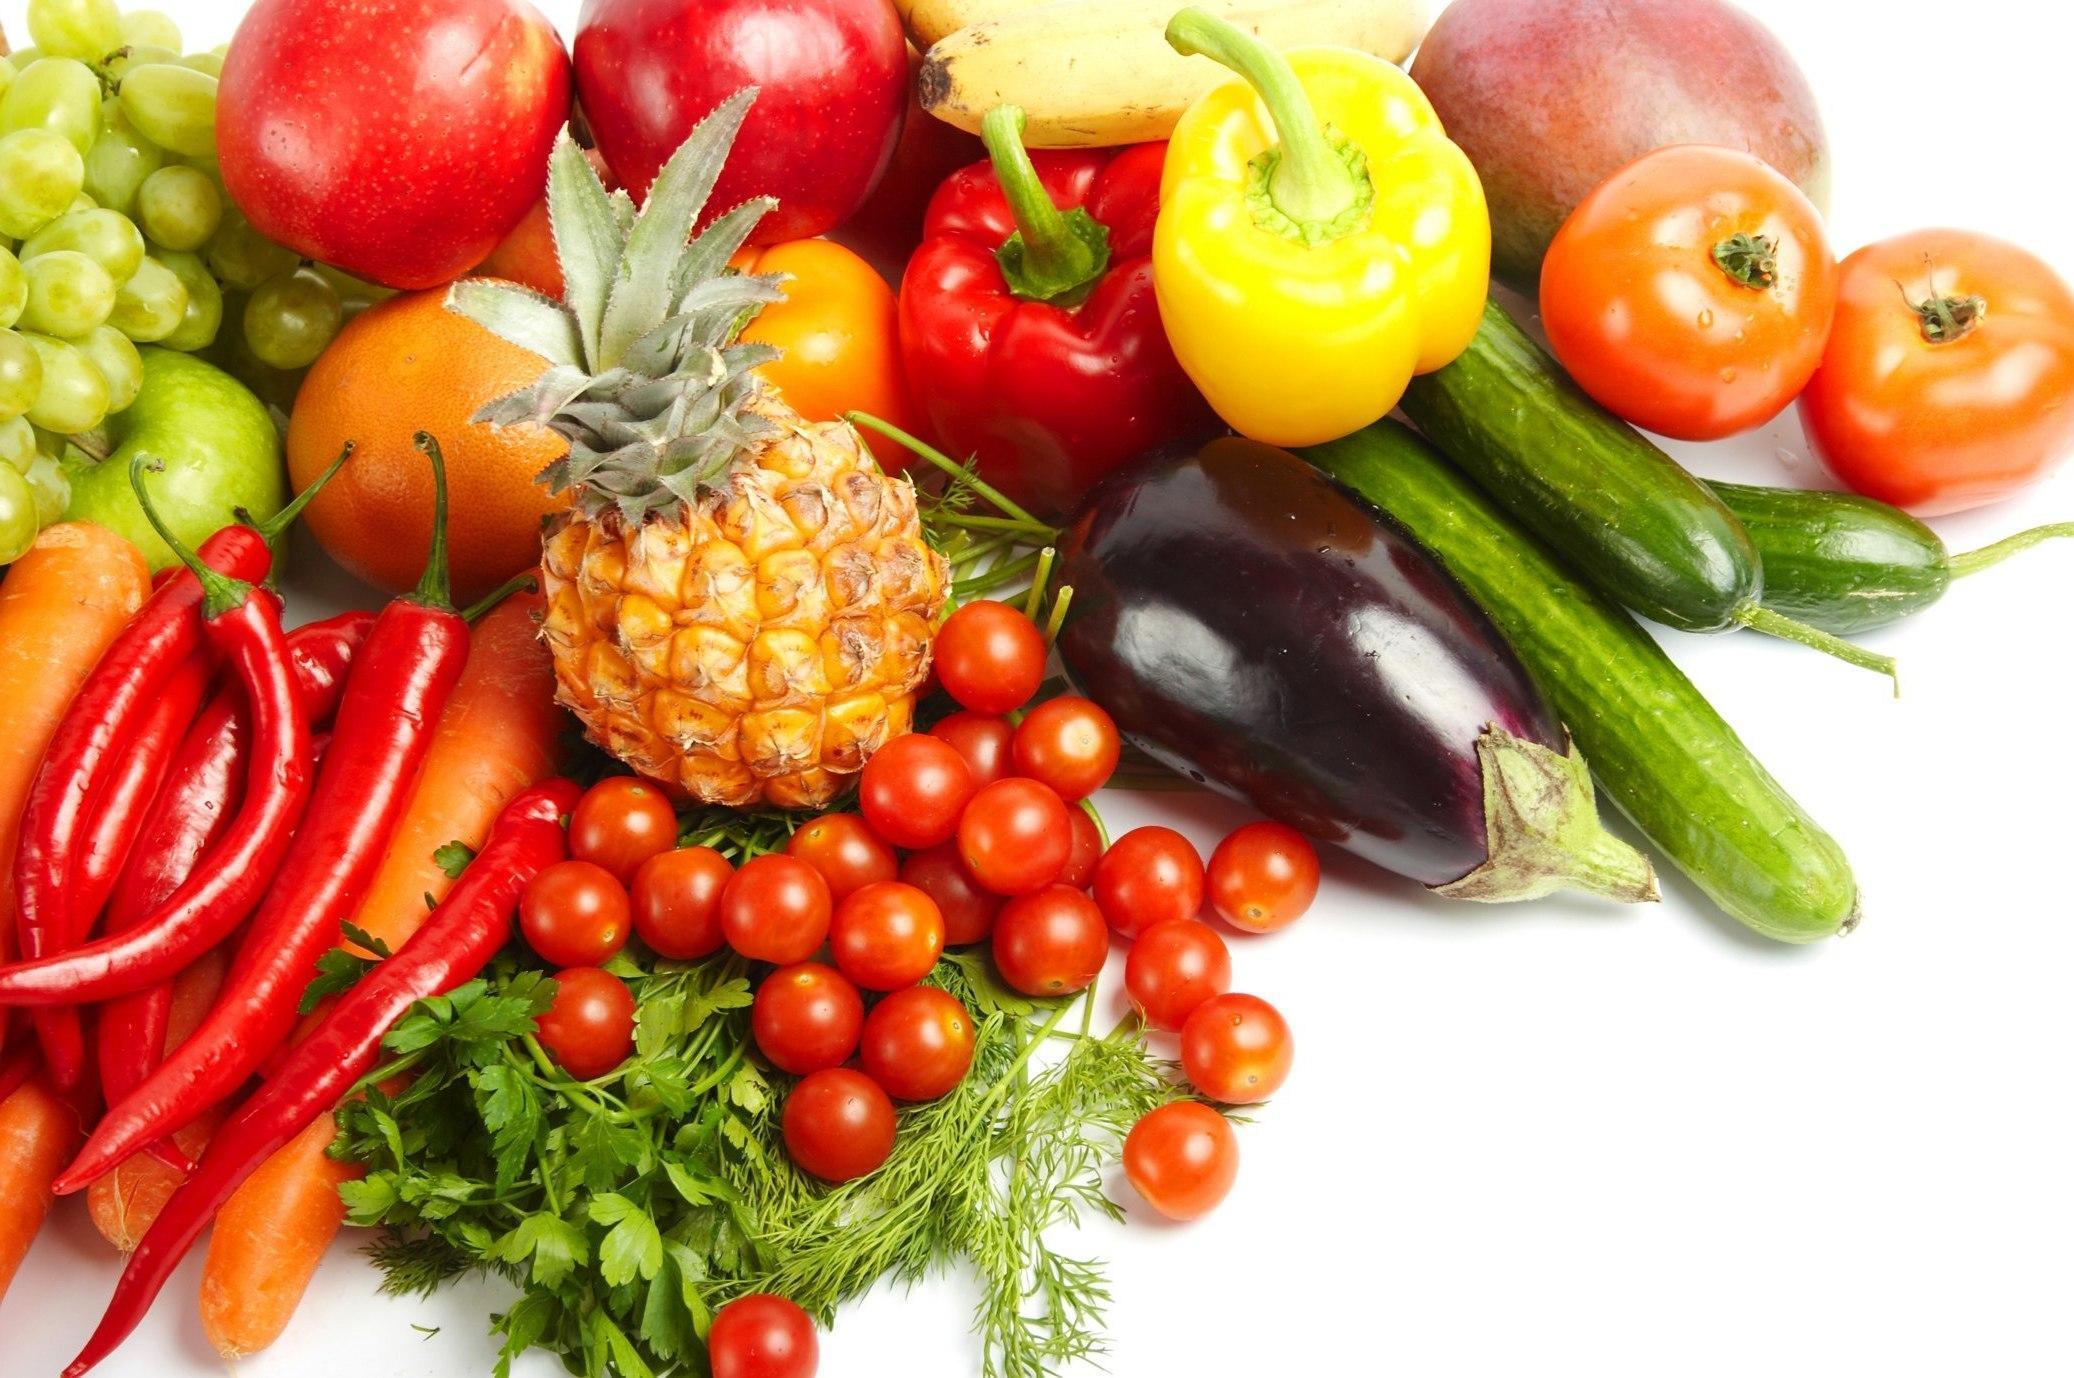 Lista de Alimentos de Baixo Teor em Calorias